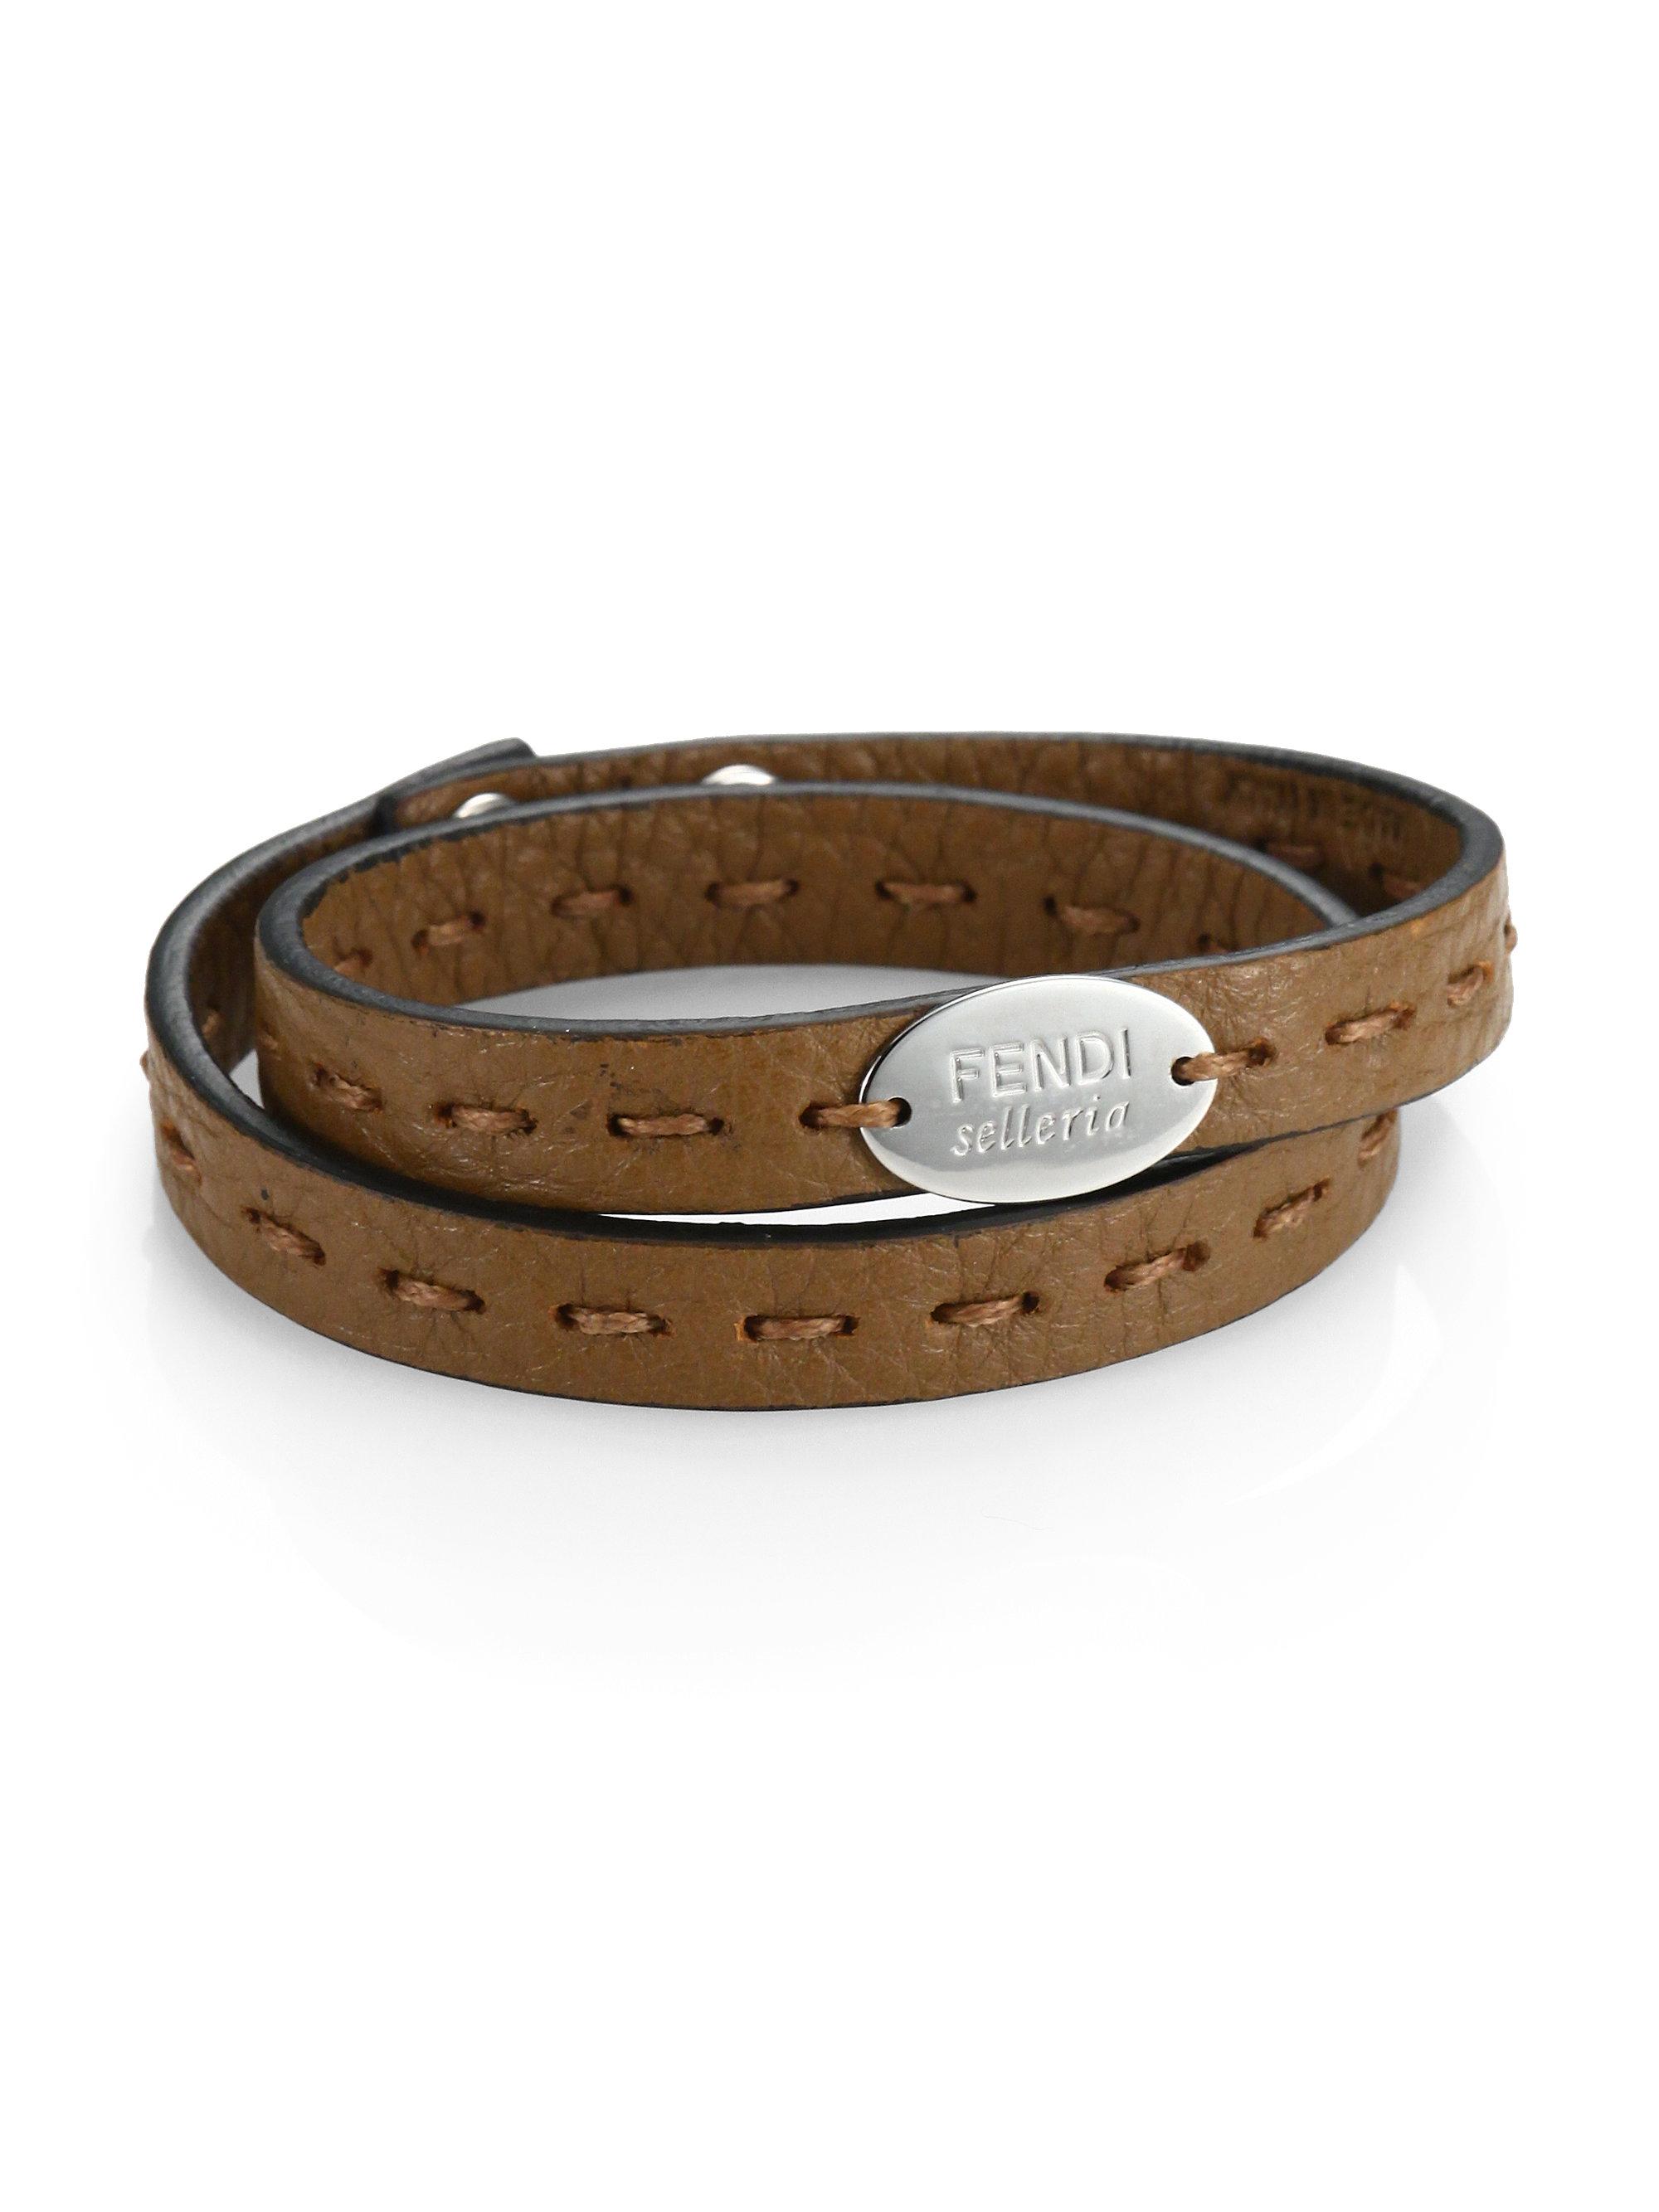 Fendi Selleria Leather Bracelet In Orange For Men Lyst